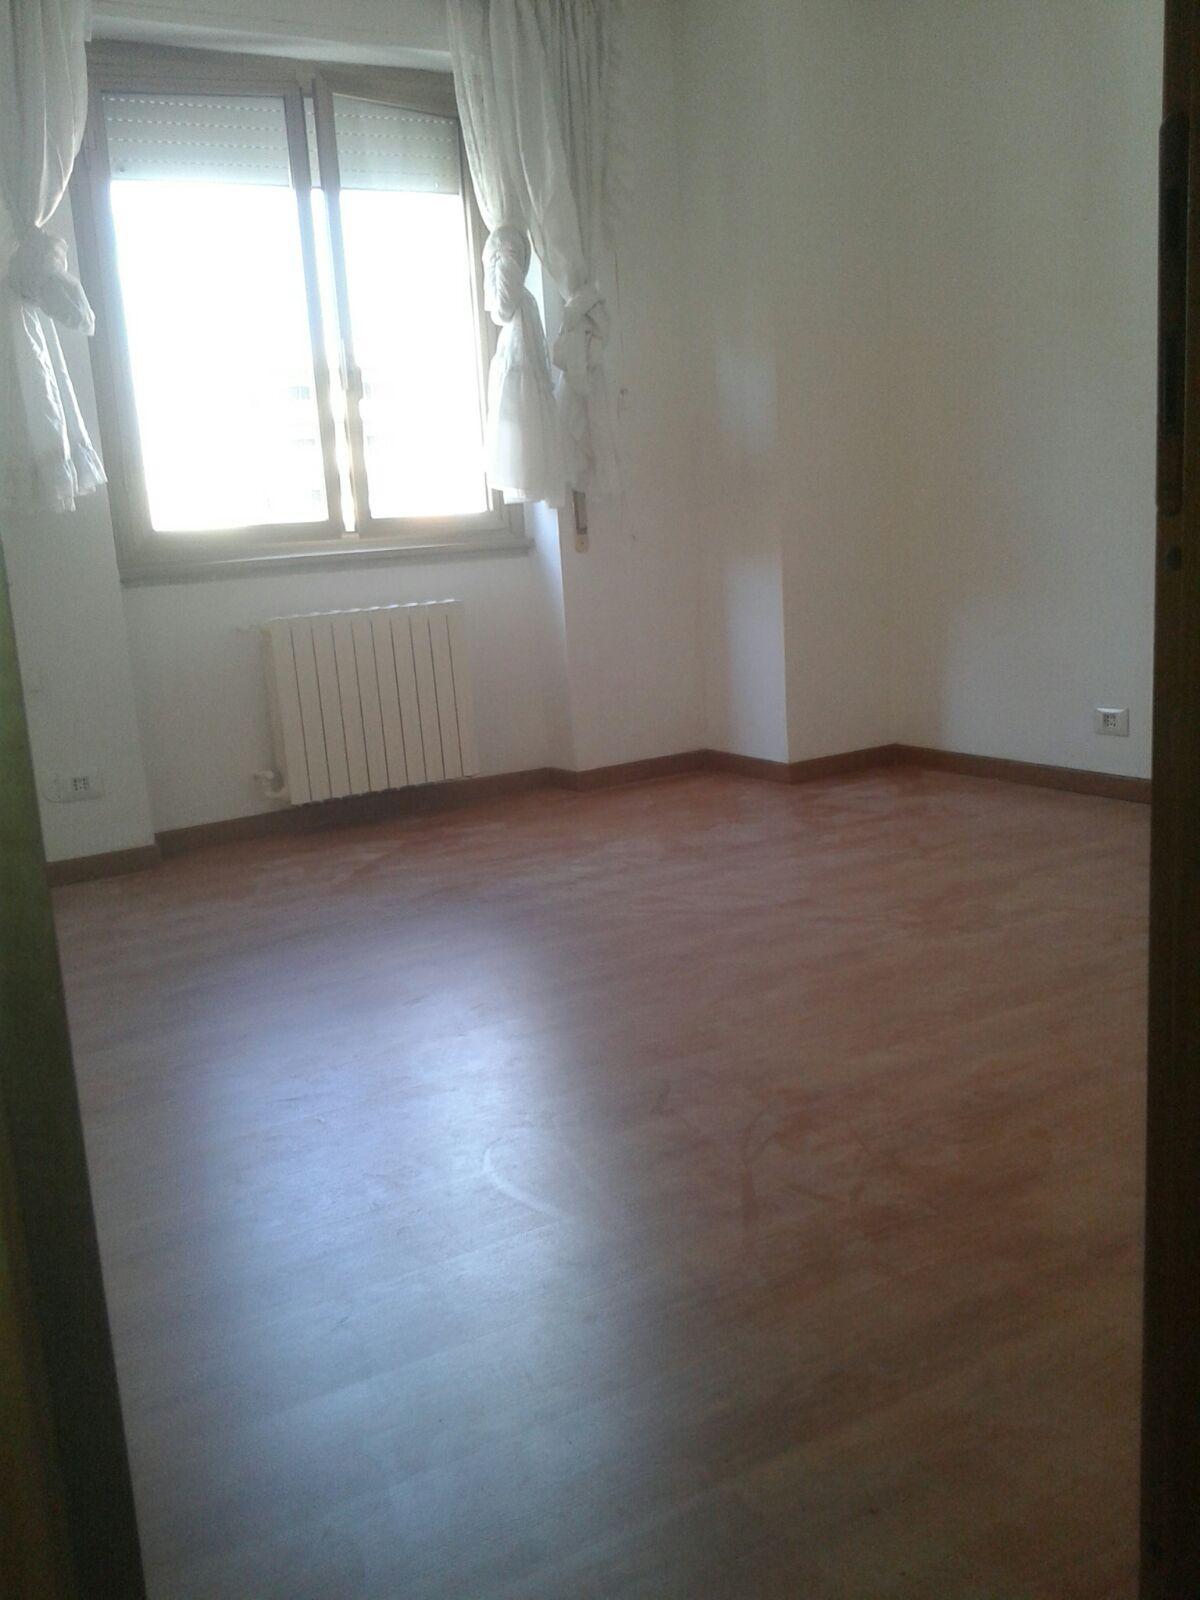 Pavimenti In Laminato Prezzi E Offerte. Pavimenti E Trittex With ...